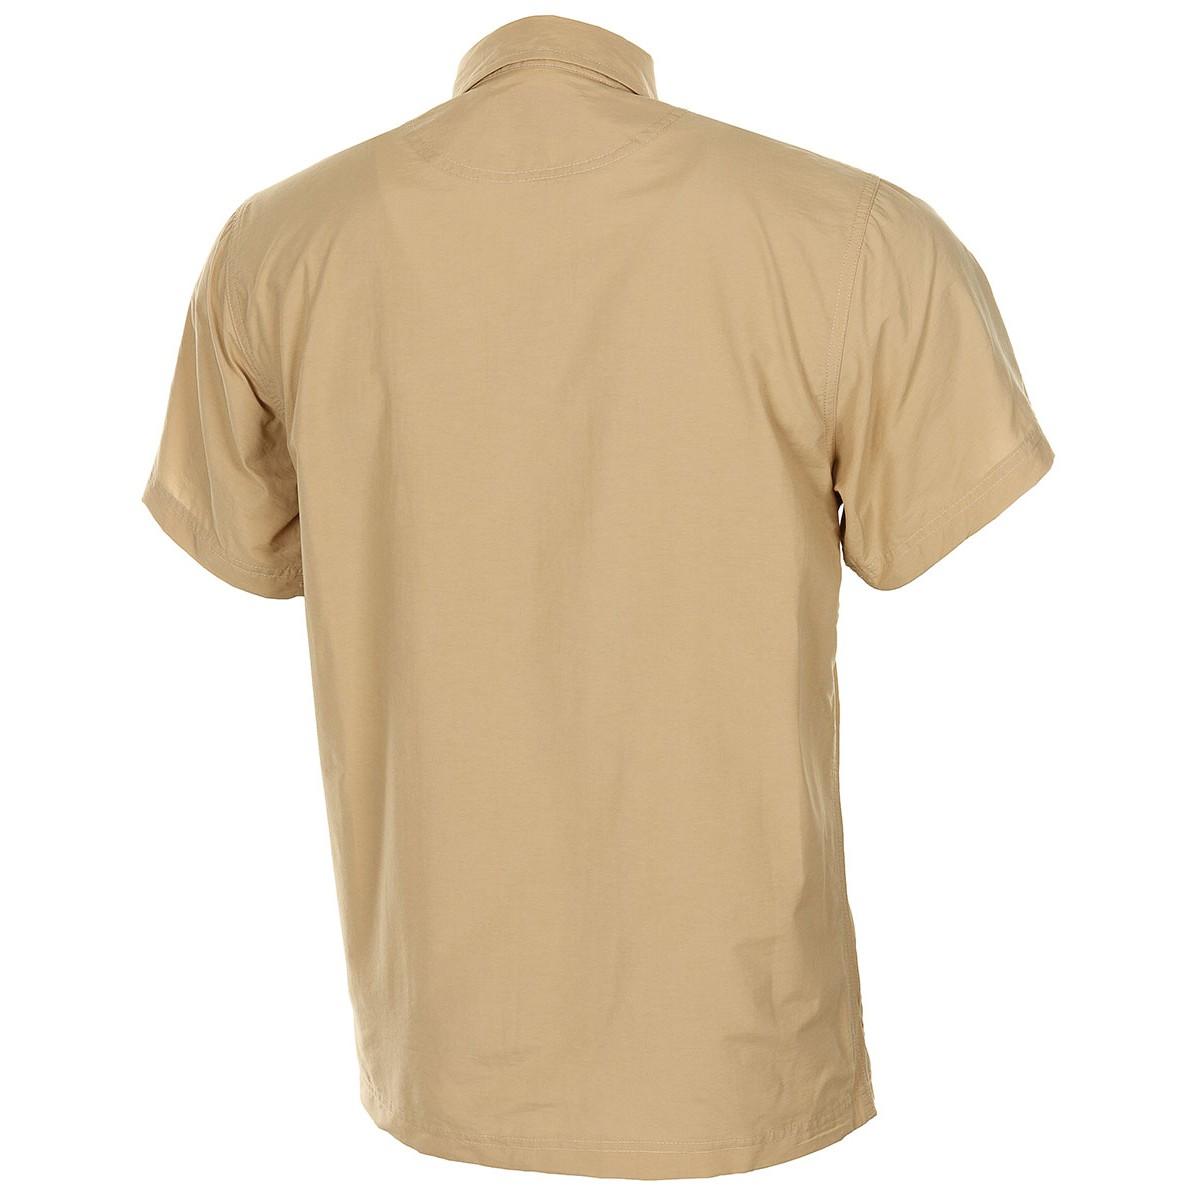 Košile OUTDOOR krátký rukáv PÍSKOVÁ FOX Outdoor 02303F L-11